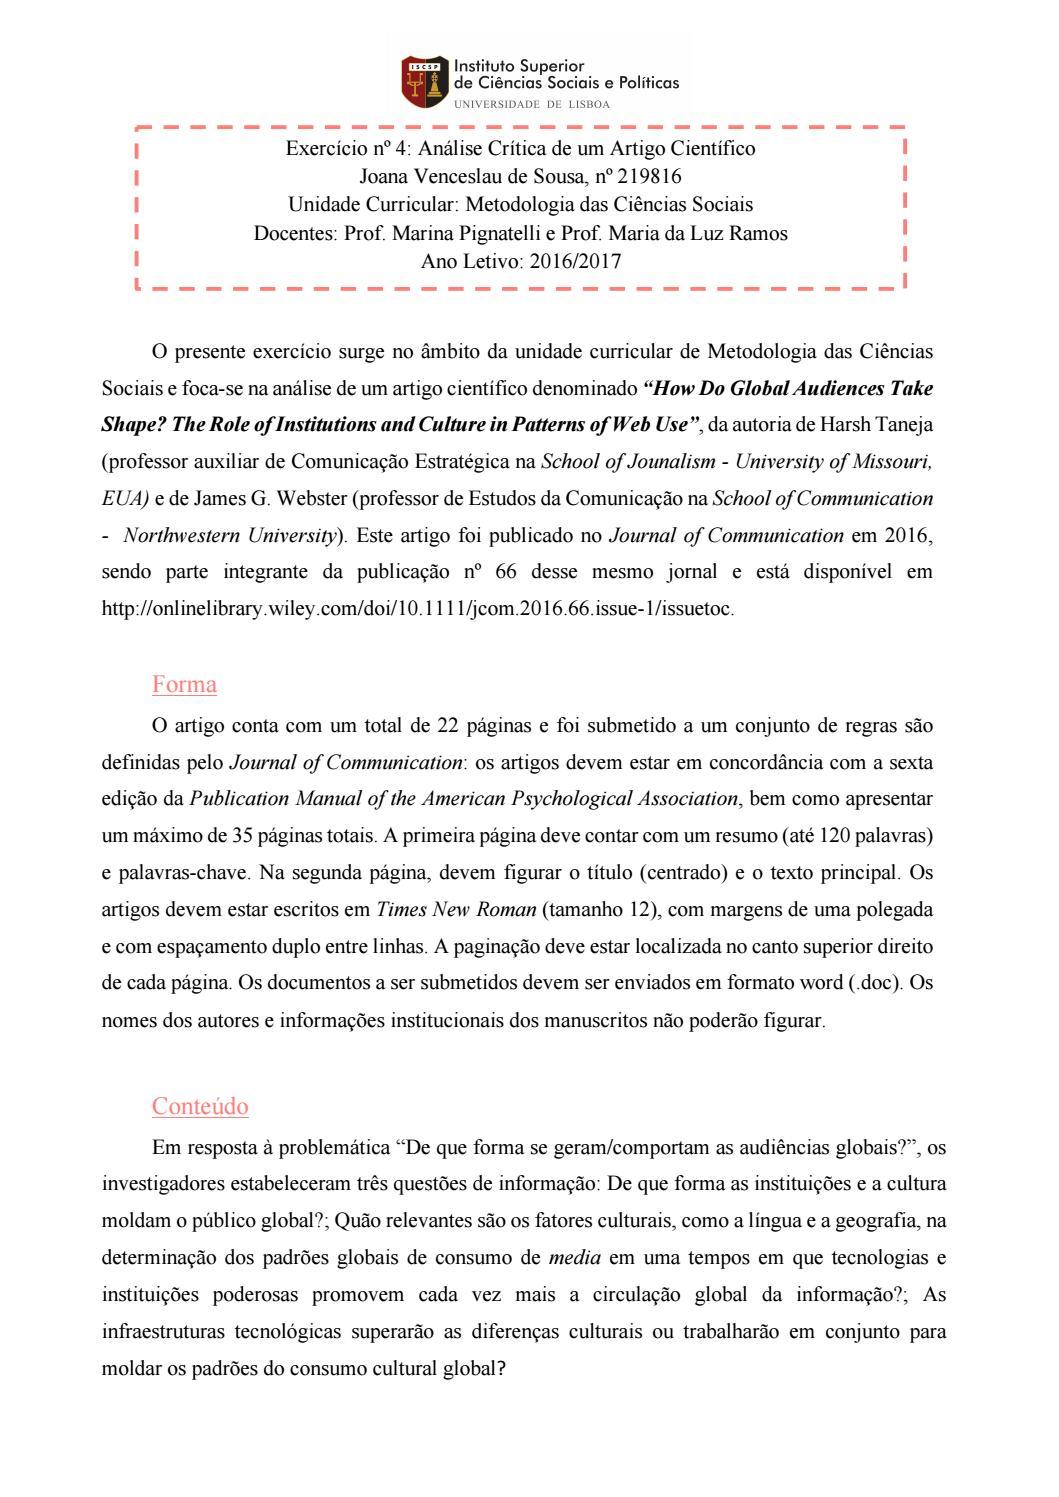 exercício nº4 análise crítica de um artigo científicoexercício nº4 análise crítica de um artigo científico metodologia das ciências sociais by joana de sousa issuu